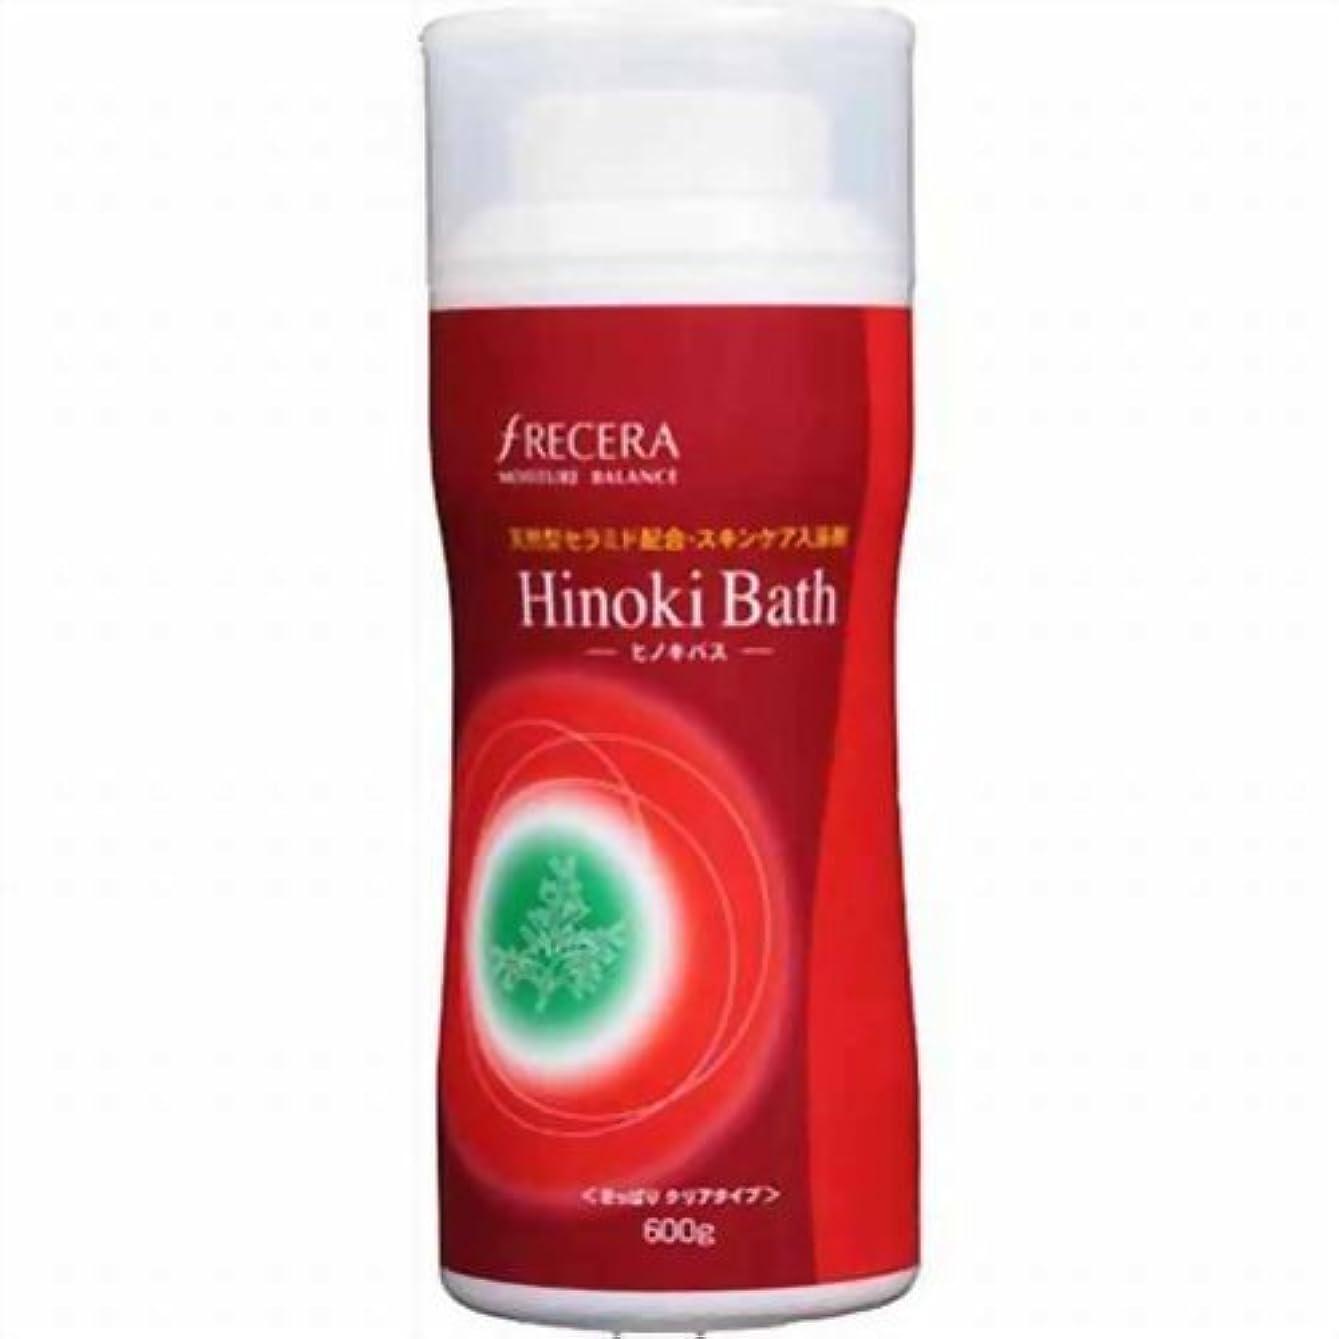 革新健康的初心者フレッセラ セラミド入浴剤 ヒノキバス 600g